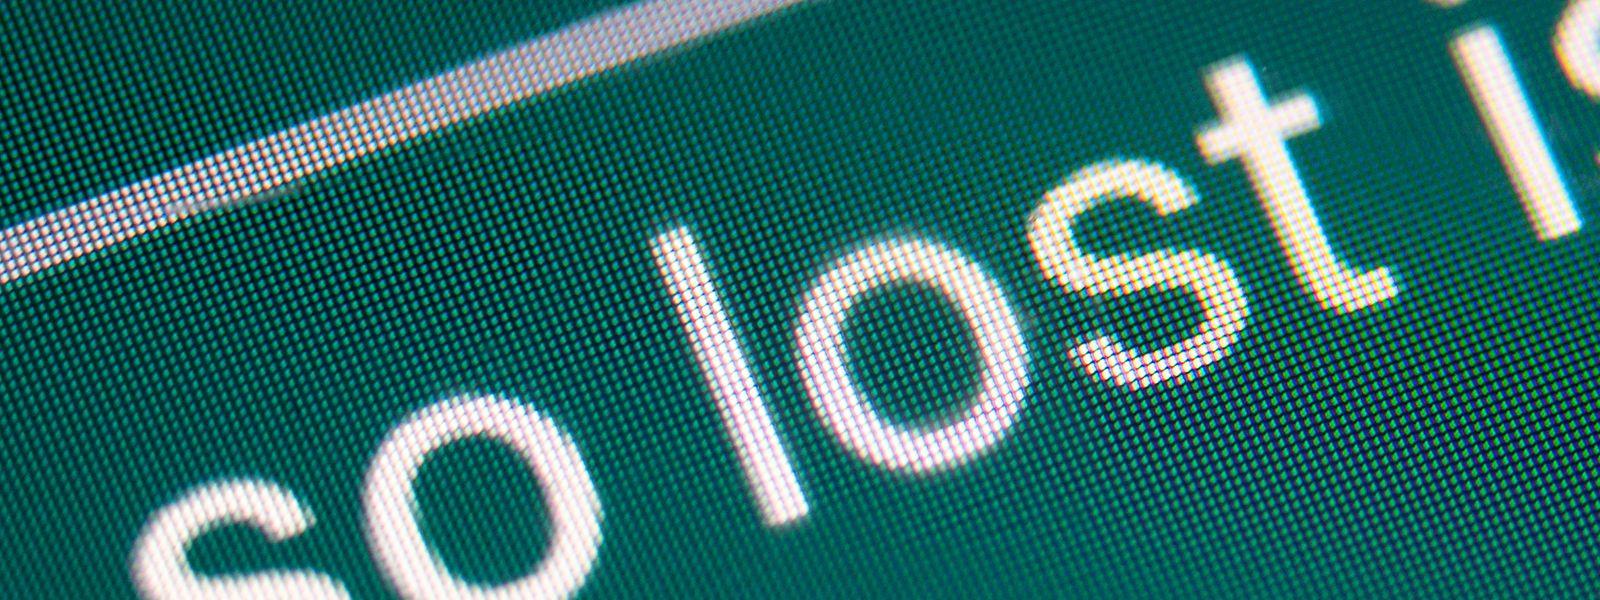 """Das deutsche Jugendwort des Jahres """"lost"""" wird hier in dem Satz """"Also ganz so lost is man nicht"""" in einer Smartphone-Unterhaltung über eine Matheprüfung verwendet."""